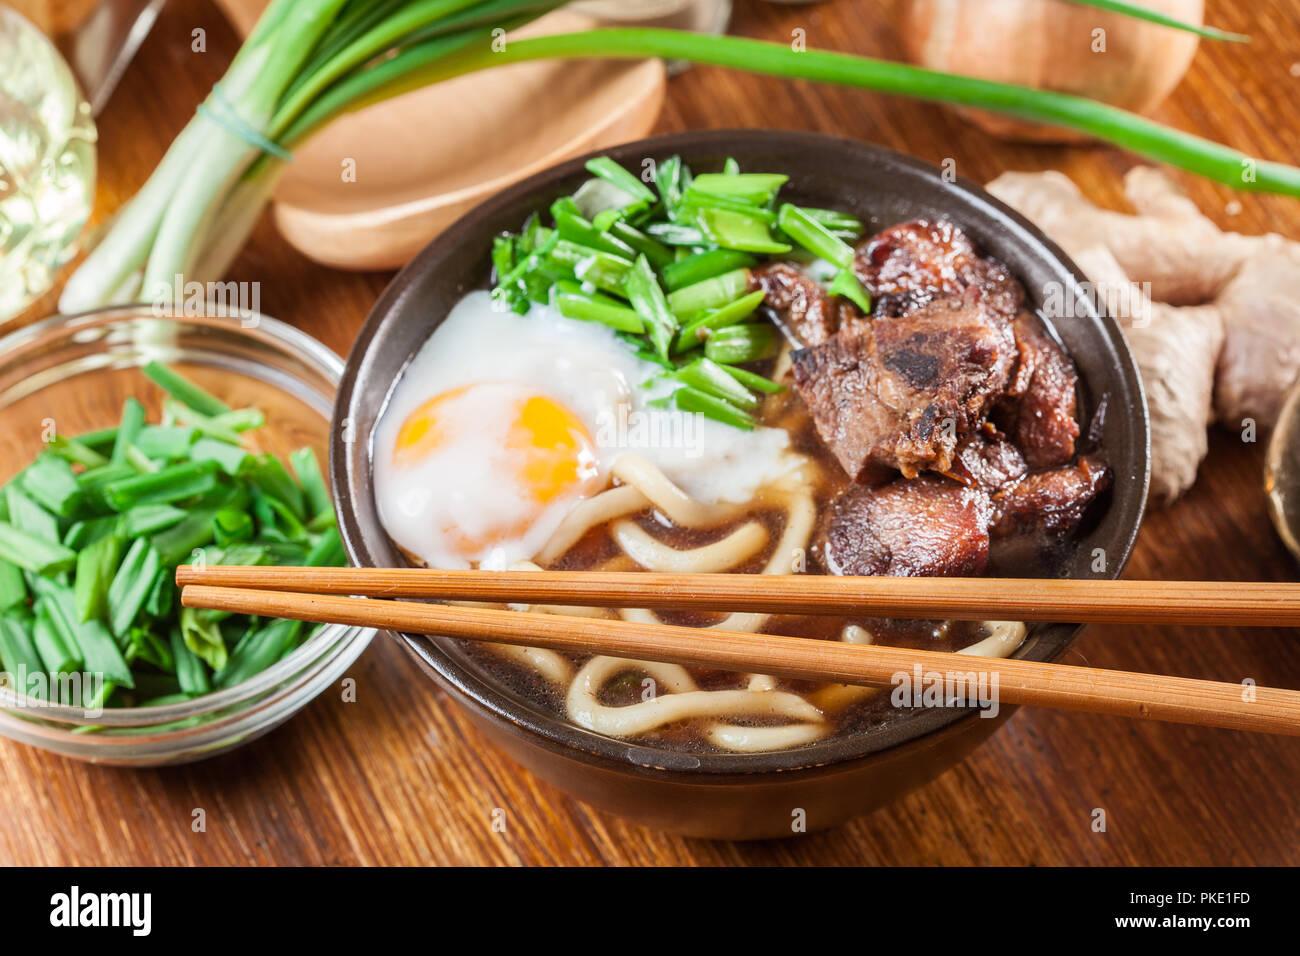 Nouilles Udon japonaise avec le boeuf, l'oeuf, l'oignon vert et de la soupe dans un bol brun Photo Stock